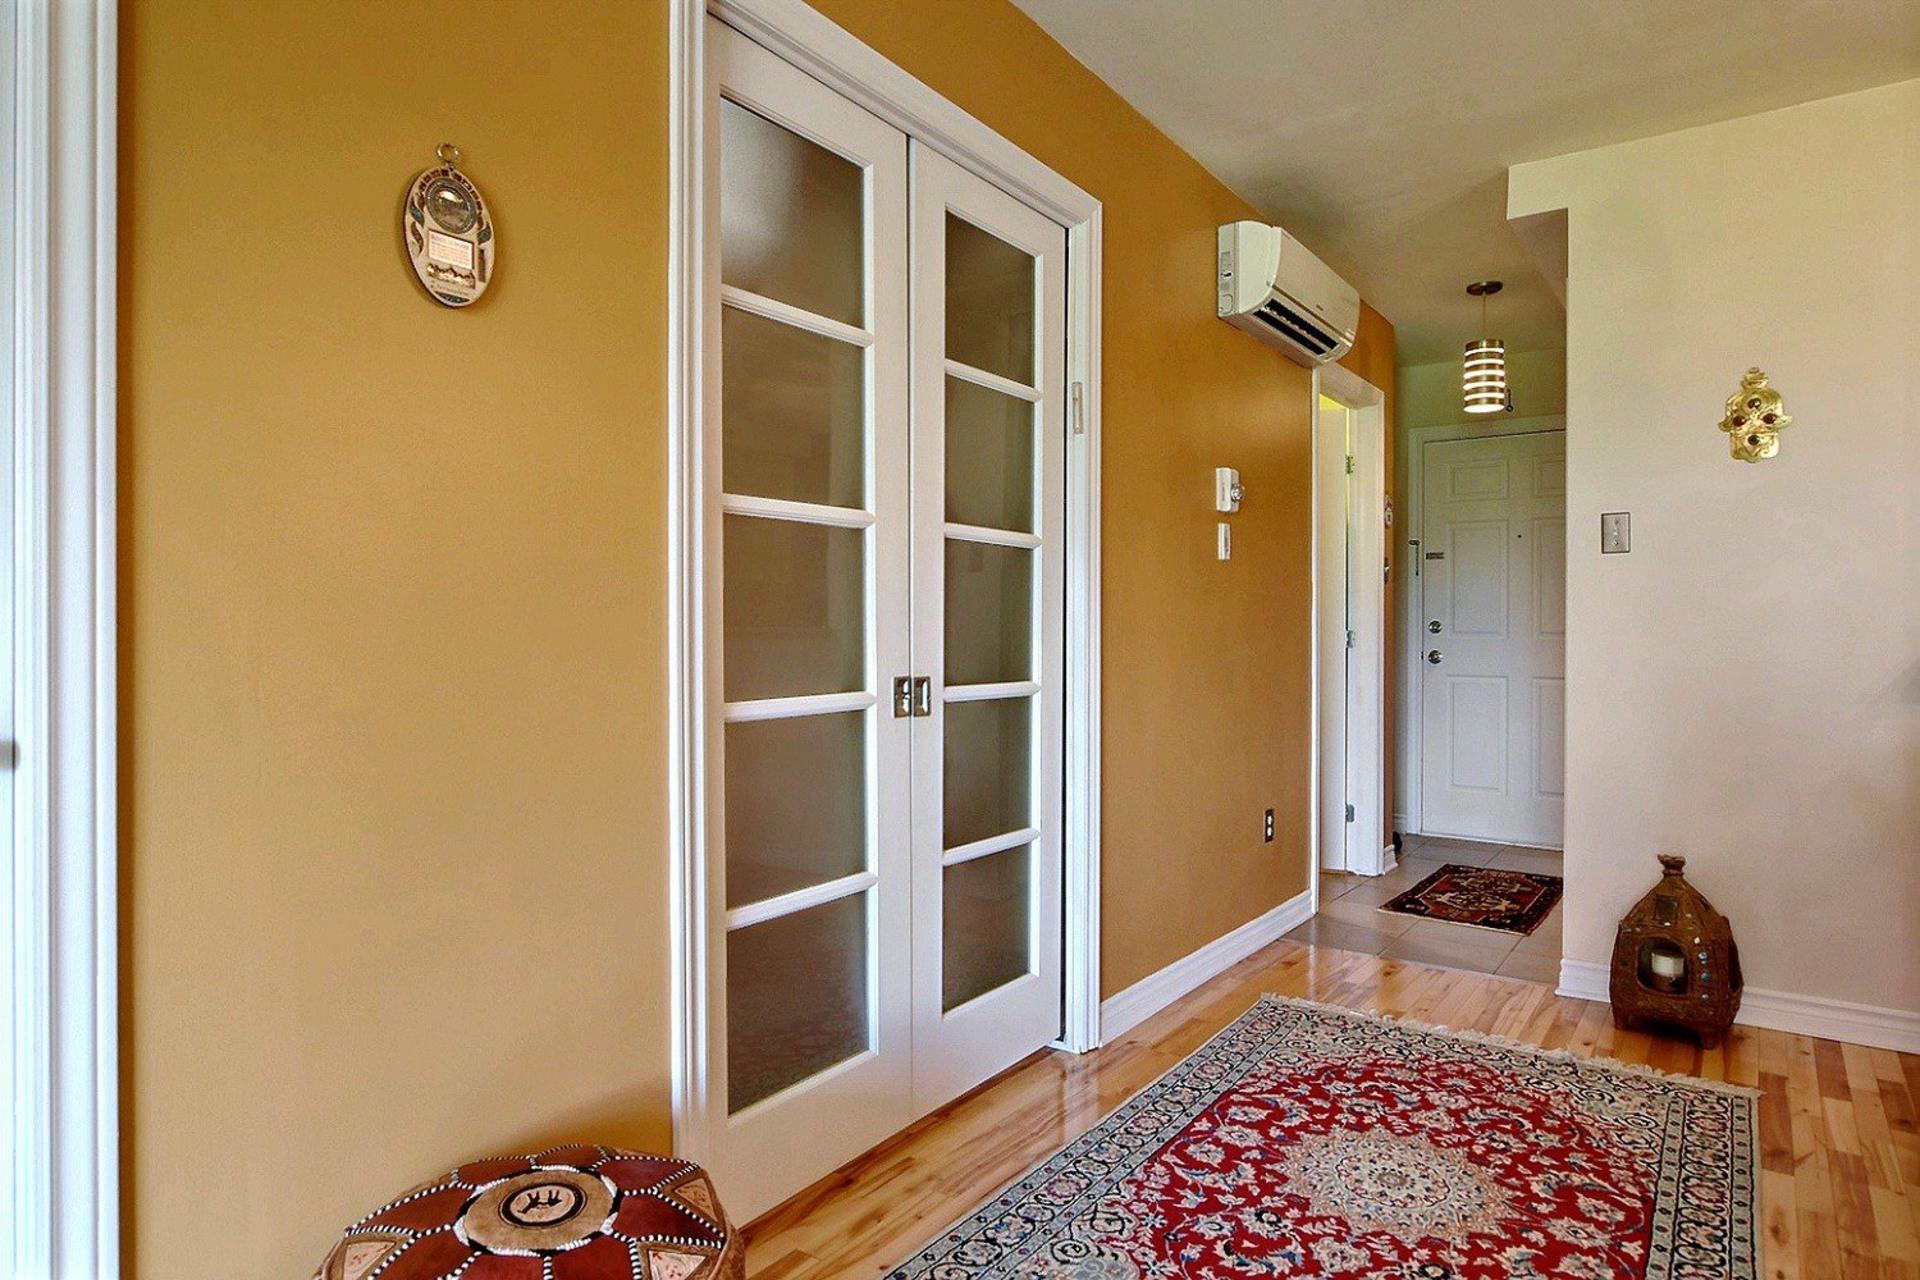 image 4 - Apartment For sale Montréal Côte-des-Neiges/Notre-Dame-de-Grâce  - 4 rooms